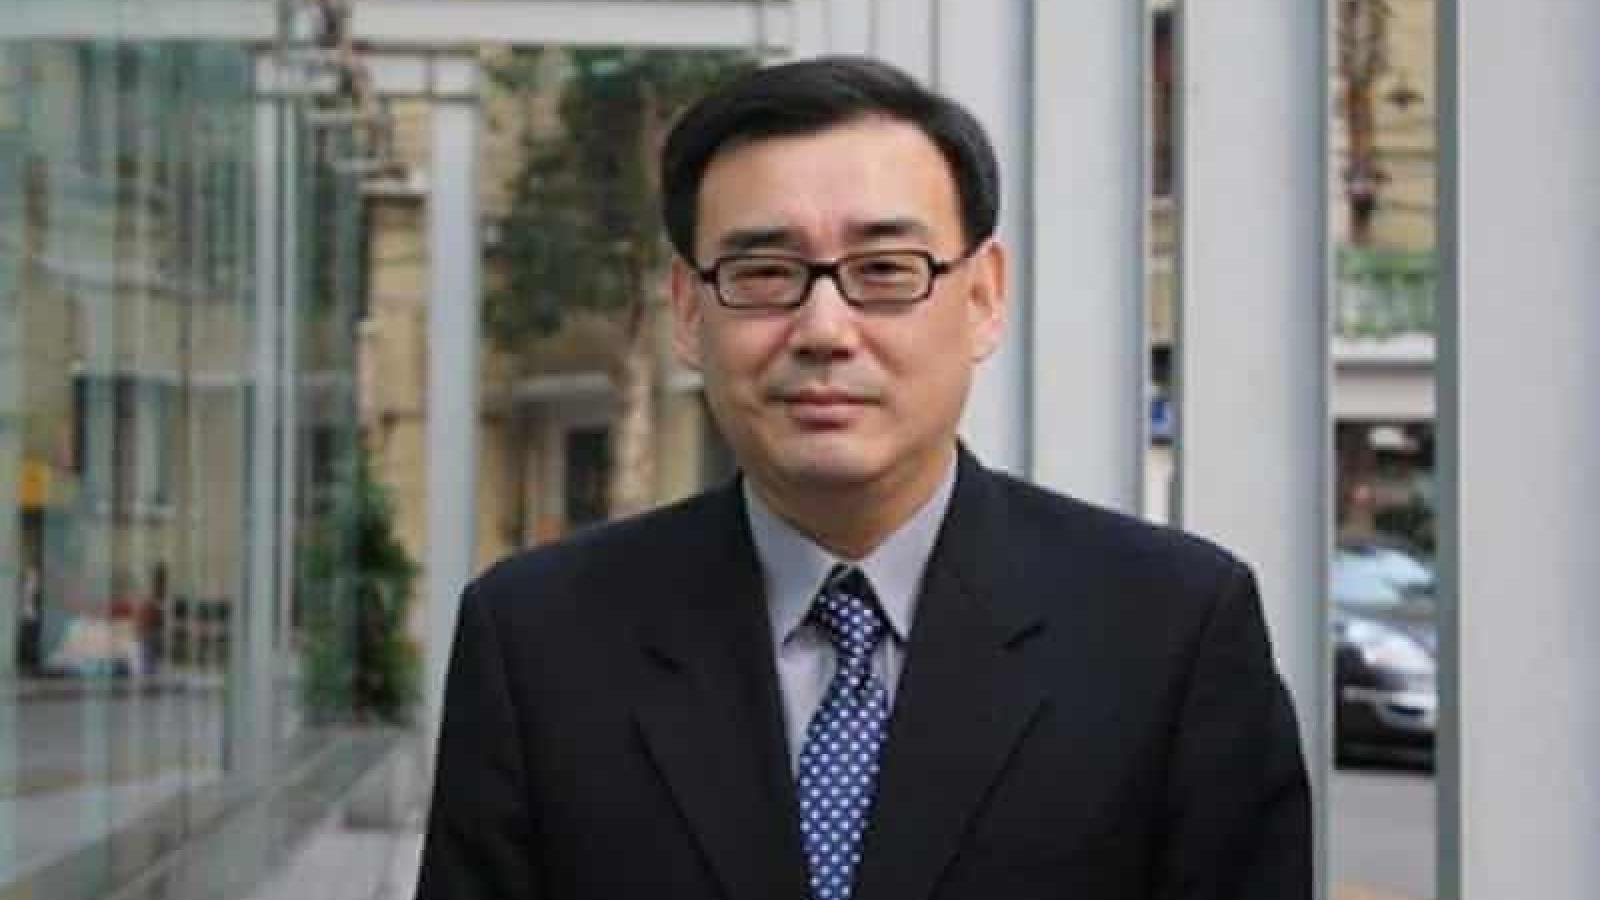 Trung Quốc xét xử tội gián điệp đối với một nhà văn Australia